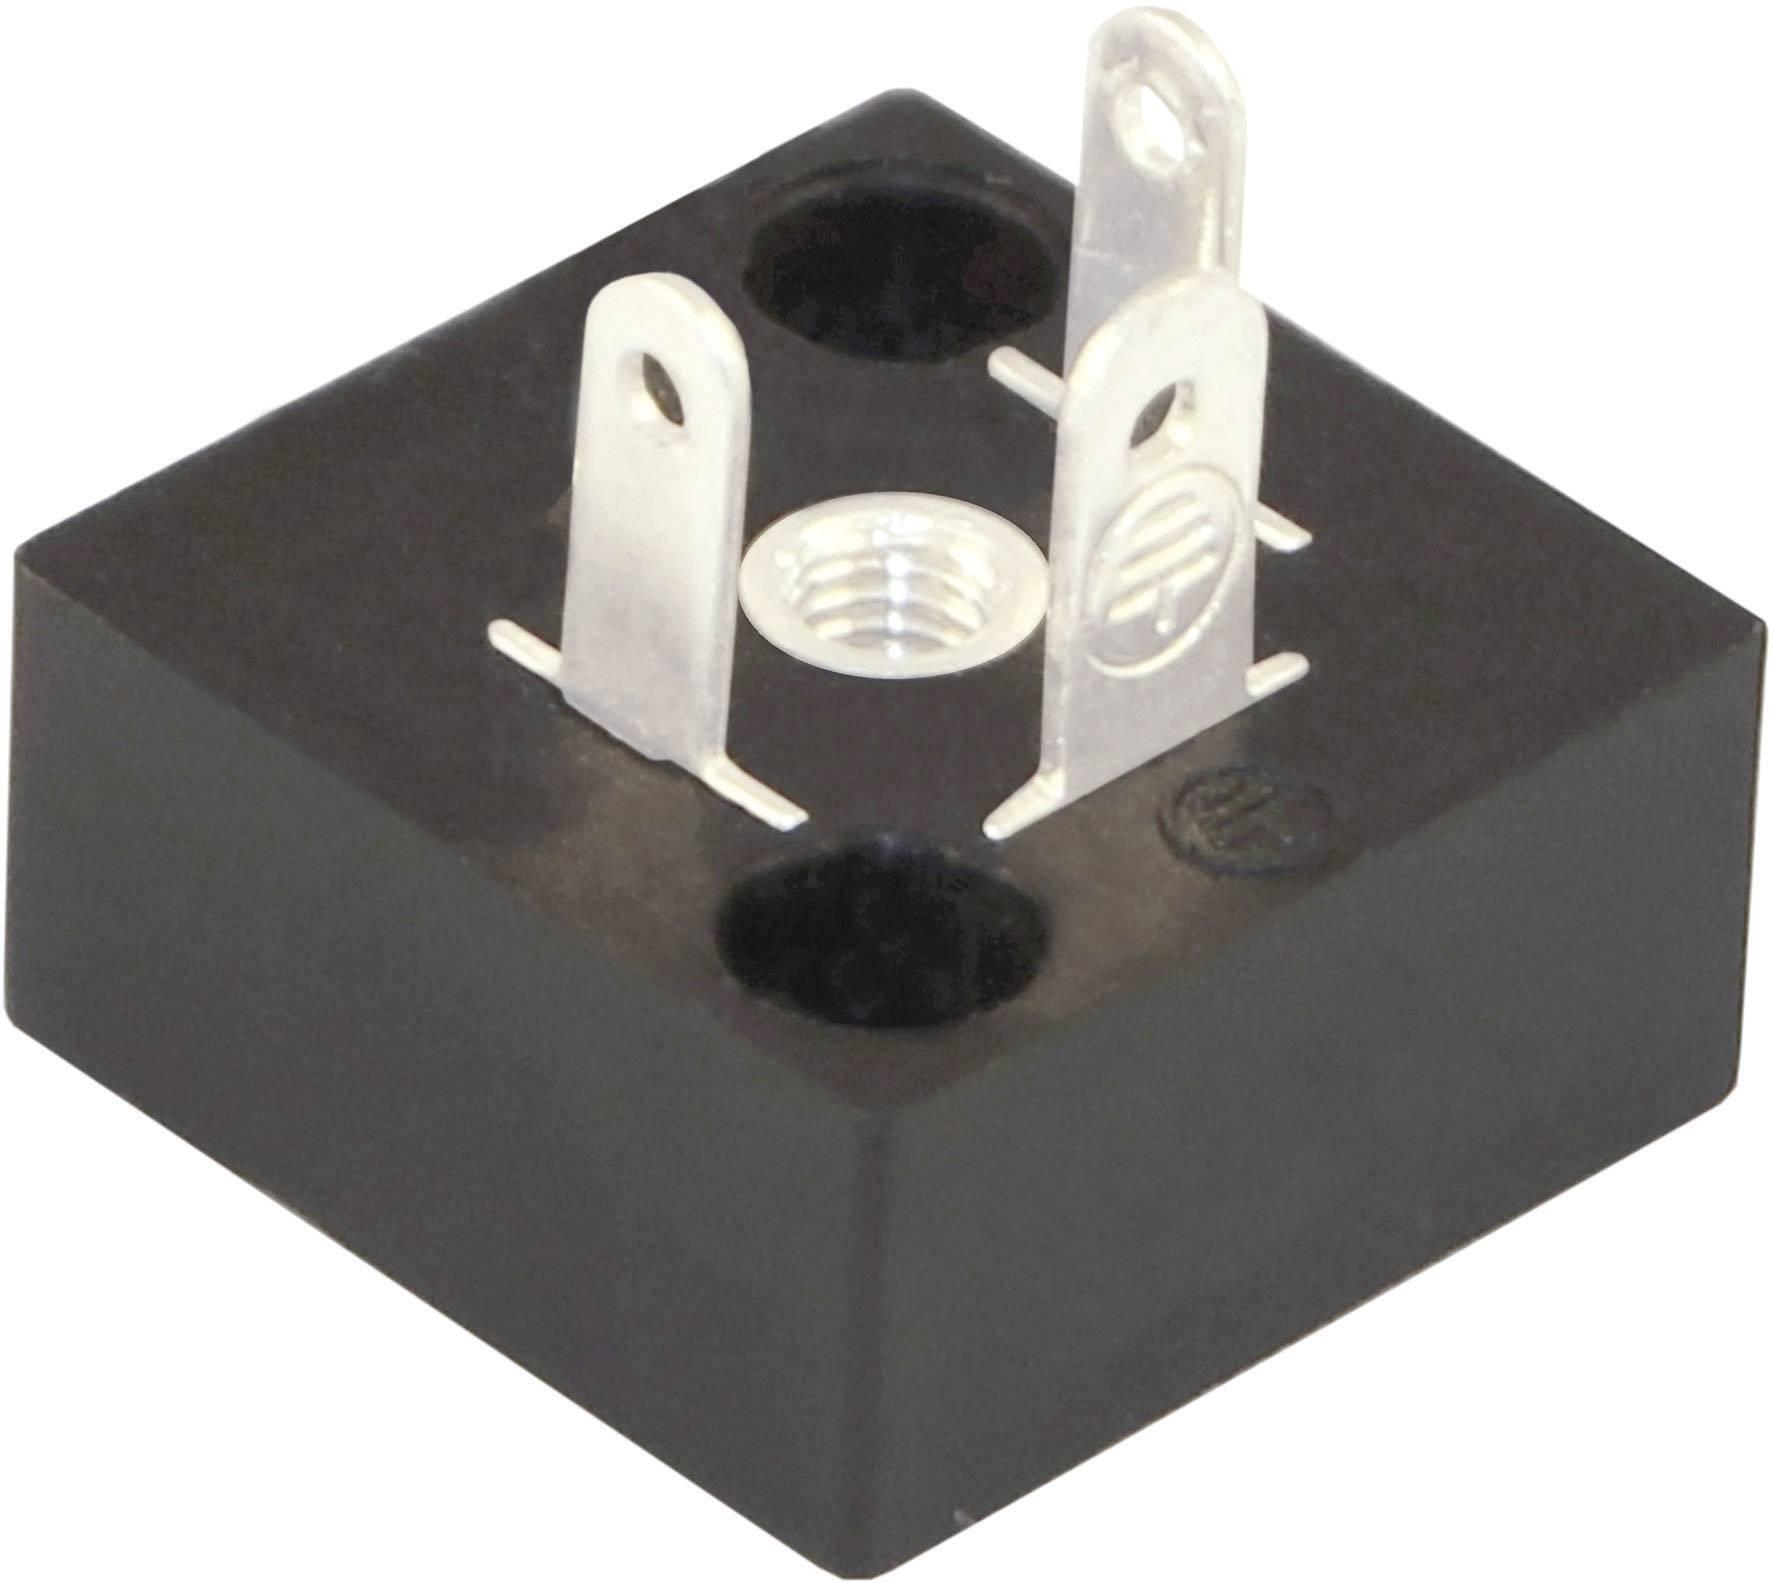 Ventilový konektor HTP BP1N02000, IP67 (namontované), černá